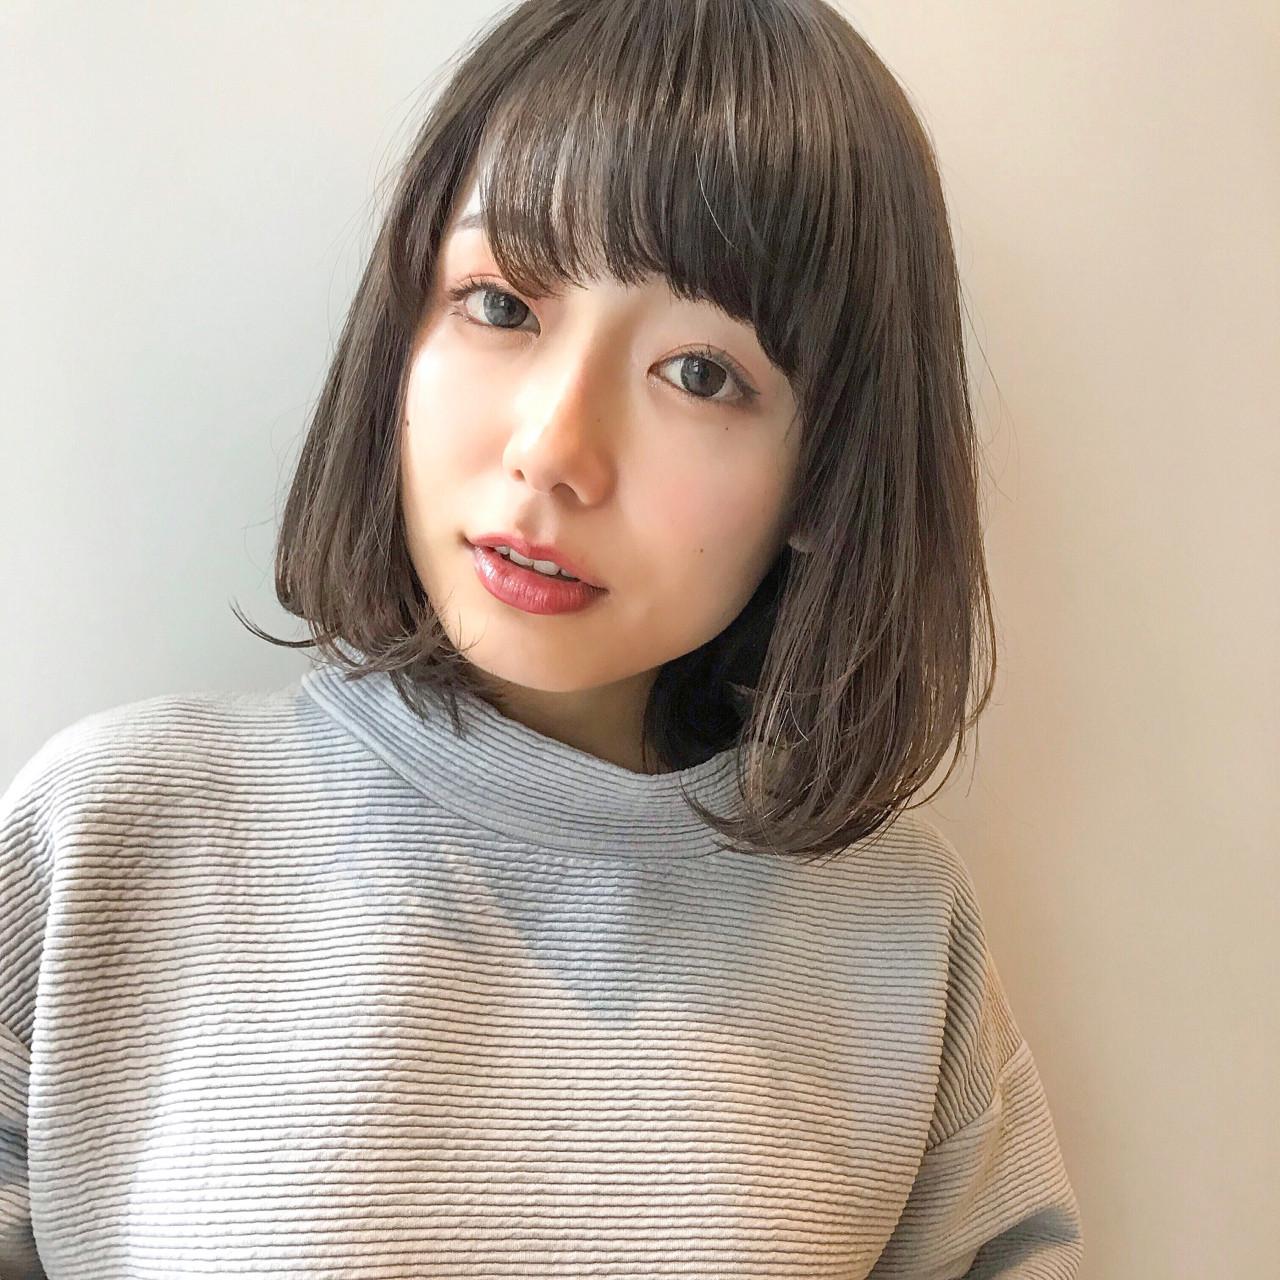 オフィス フェミニン 大人かわいい ヘアアレンジ ヘアスタイルや髪型の写真・画像 | 信澤貴一【愛され大人可愛いヘア美容師】 / un ami kichijoji